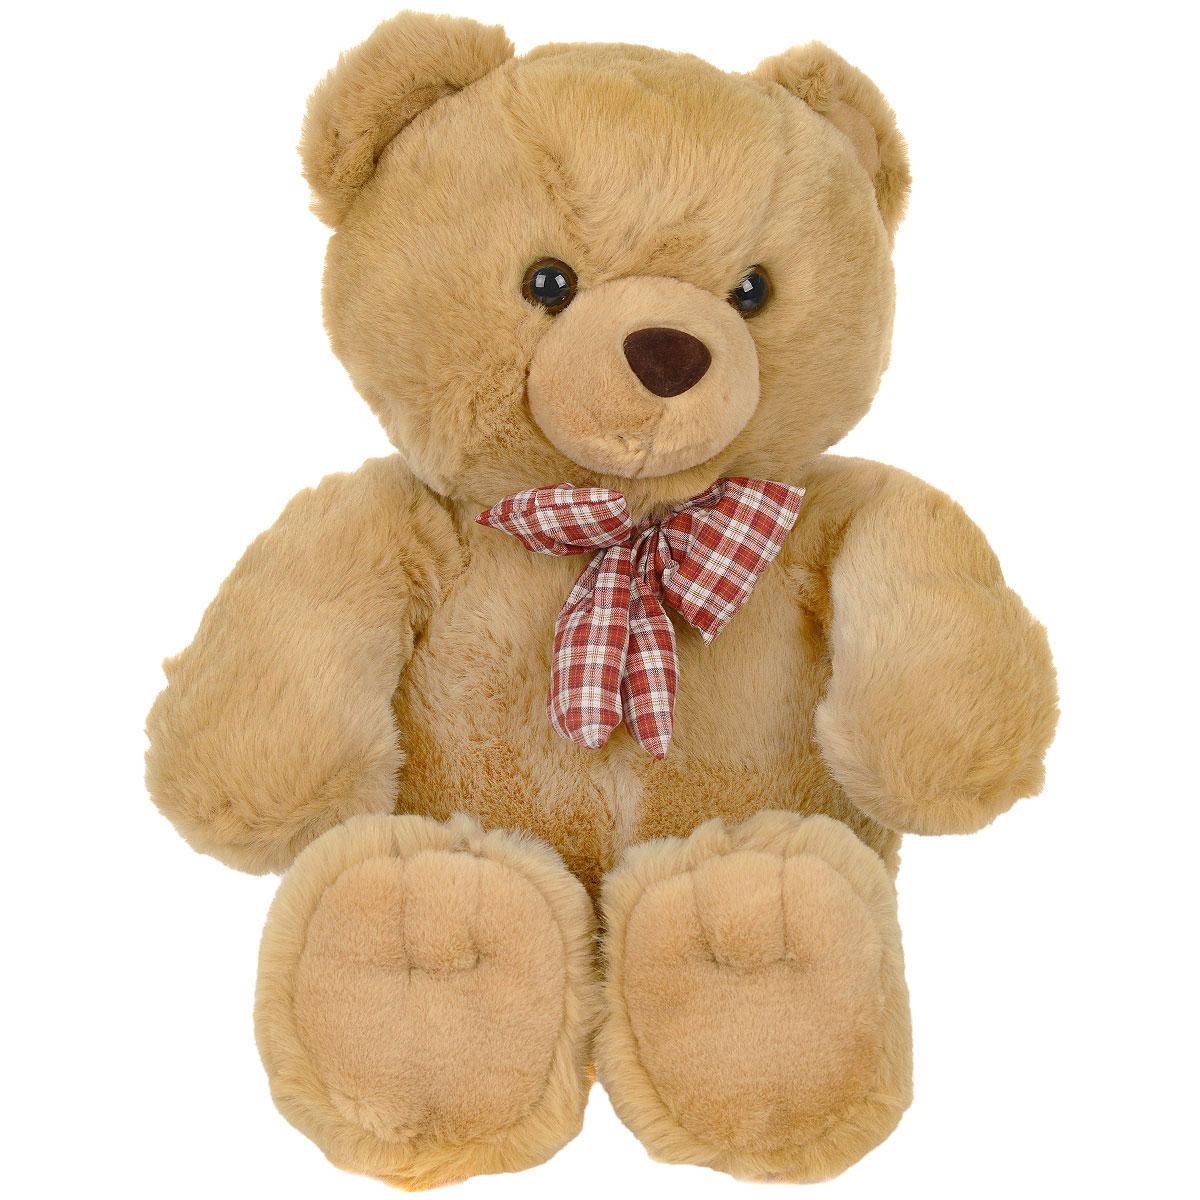 Мягкая игрушка Медведь с клетчатым бантом, цвет: медовый, 80 см11-415Очаровательная мягкая игрушка Медведь c клетчатым бантом, выполненная в виде медвежонка медового цвета с бантиком в клеточку на шее, вызовет умиление и улыбку у каждого, кто ее увидит. Удивительно мягкая игрушка принесет радость и подарит своему обладателю мгновения нежных объятий и приятных воспоминаний. Она выполнена из высококачественного искусственного меха с набивкой из гипоаллергенного синтепона. Великолепное качество исполнения делают эту игрушку чудесным подарком к любому празднику.